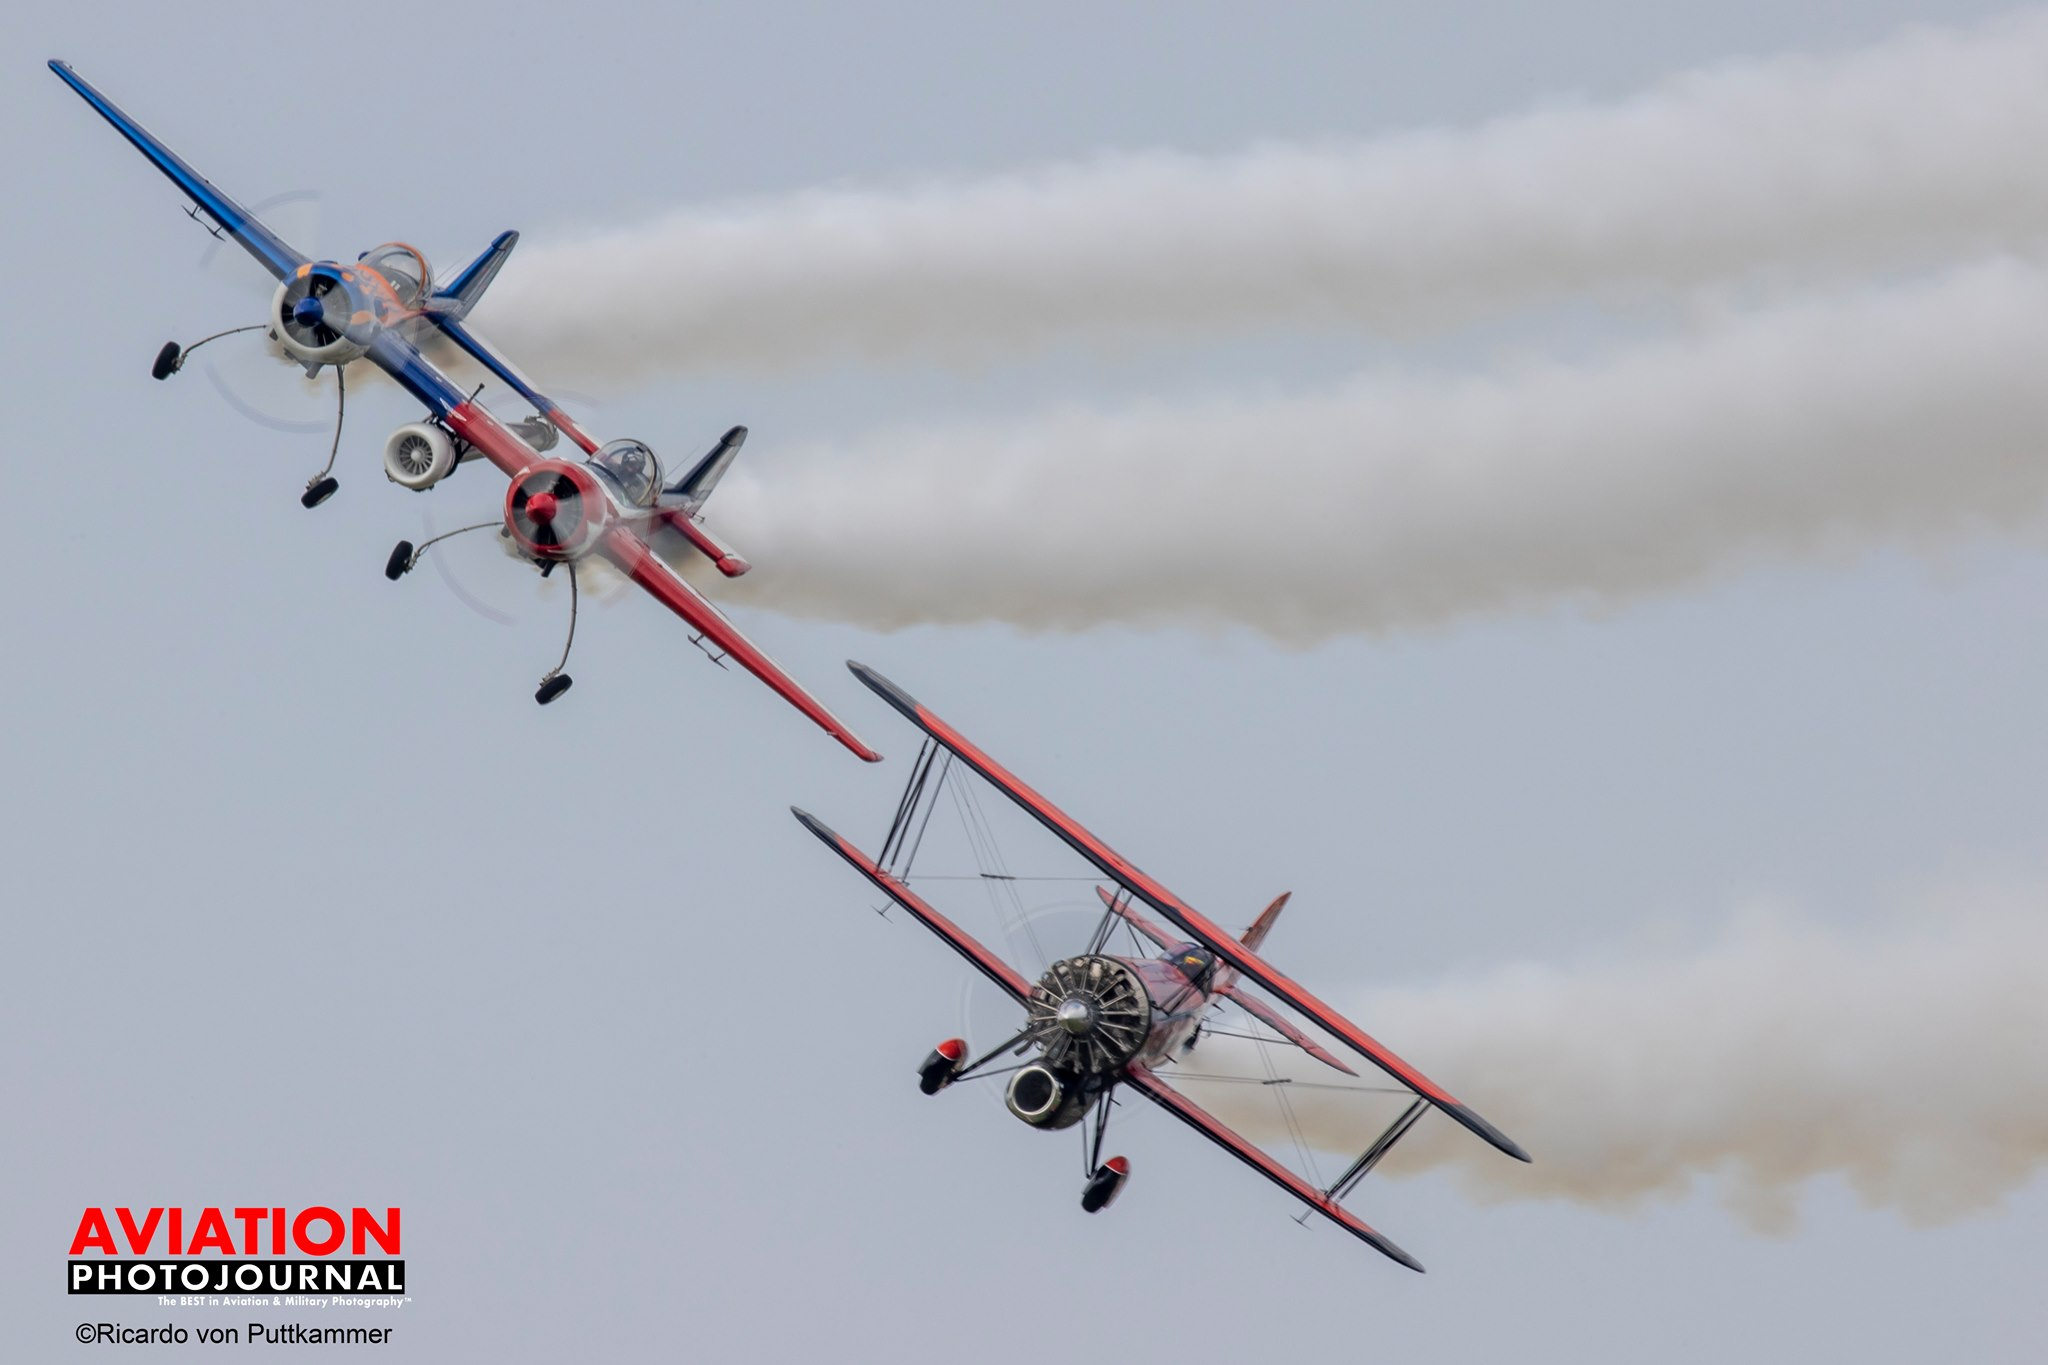 Elképesztő gépek: a Jak-55 kétszer és a Waco, plusz a sugárhajtóművek